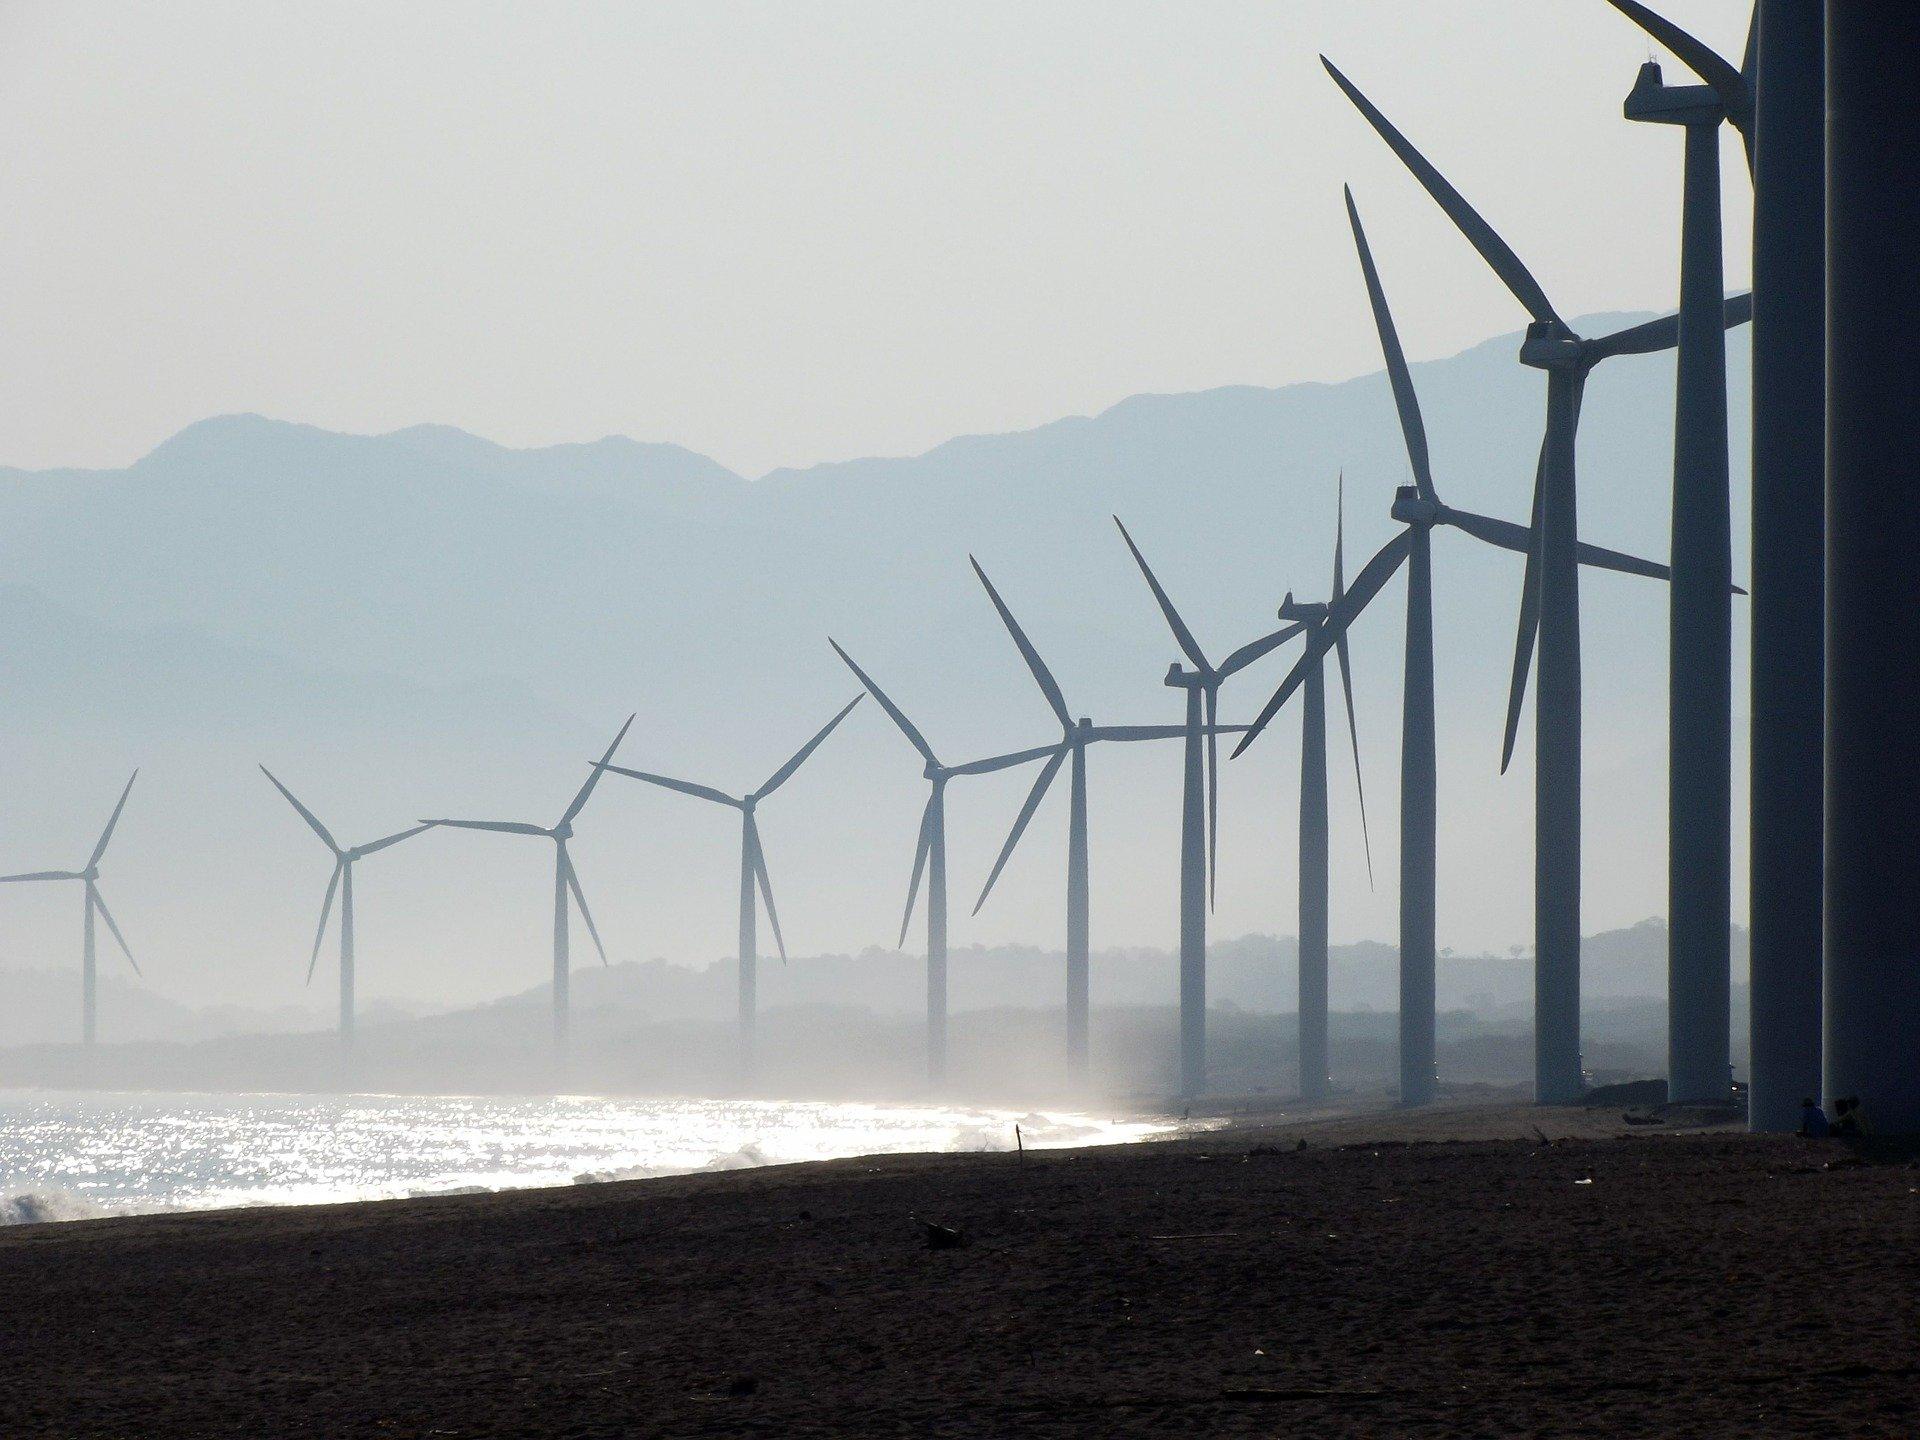 Un avenir vert avec des matières premières pour la transition énergétique